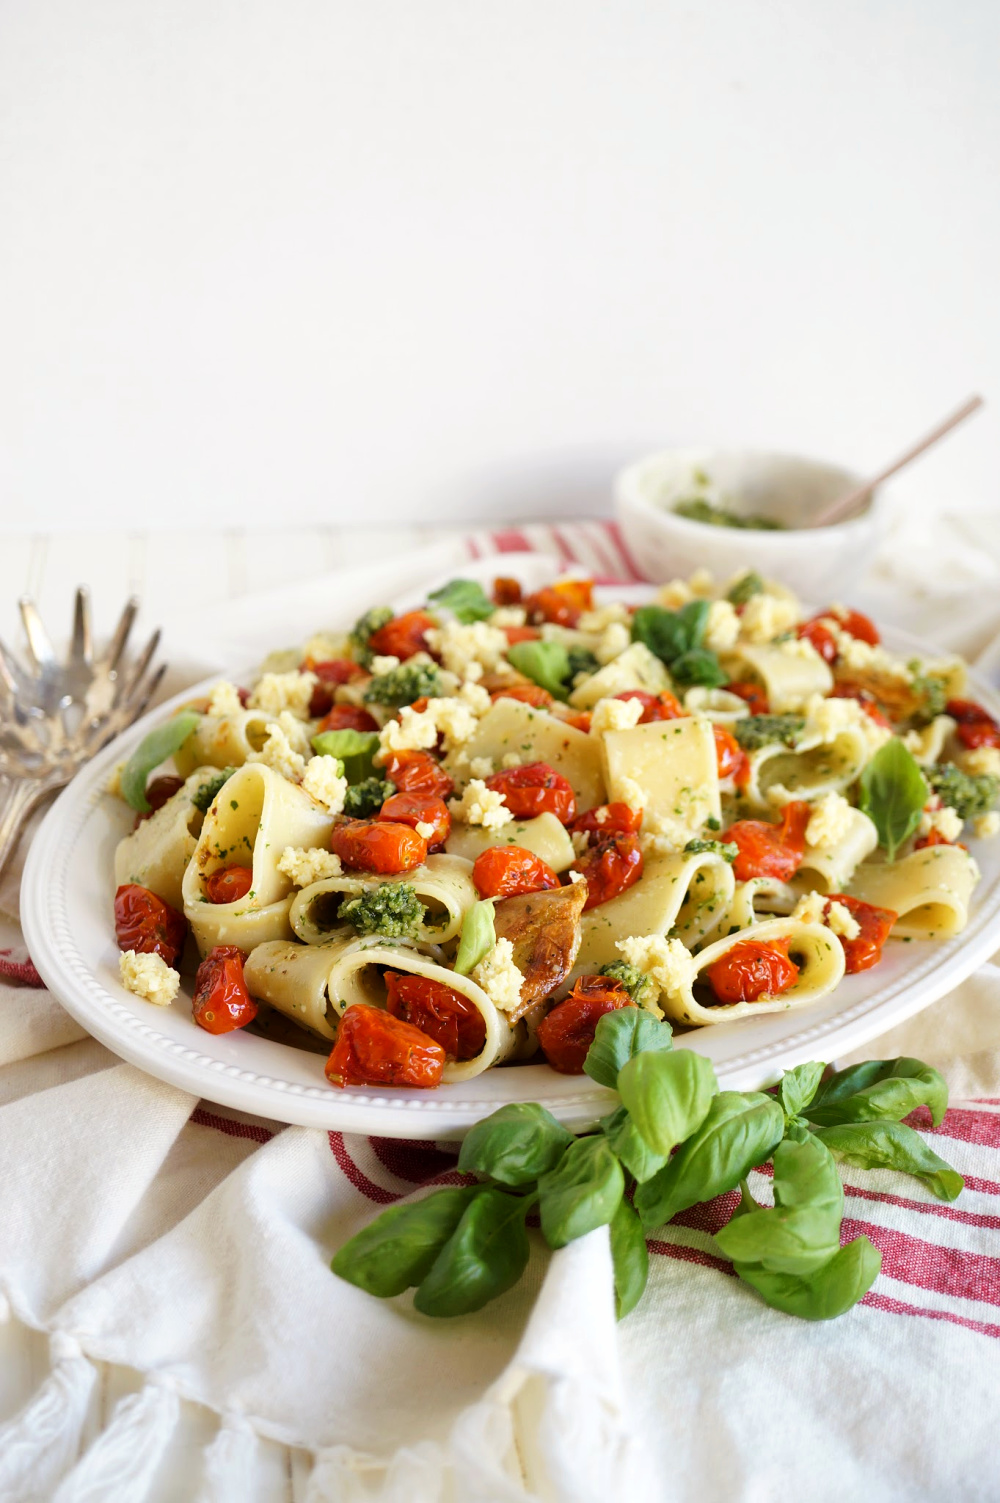 plate of pesto pasta